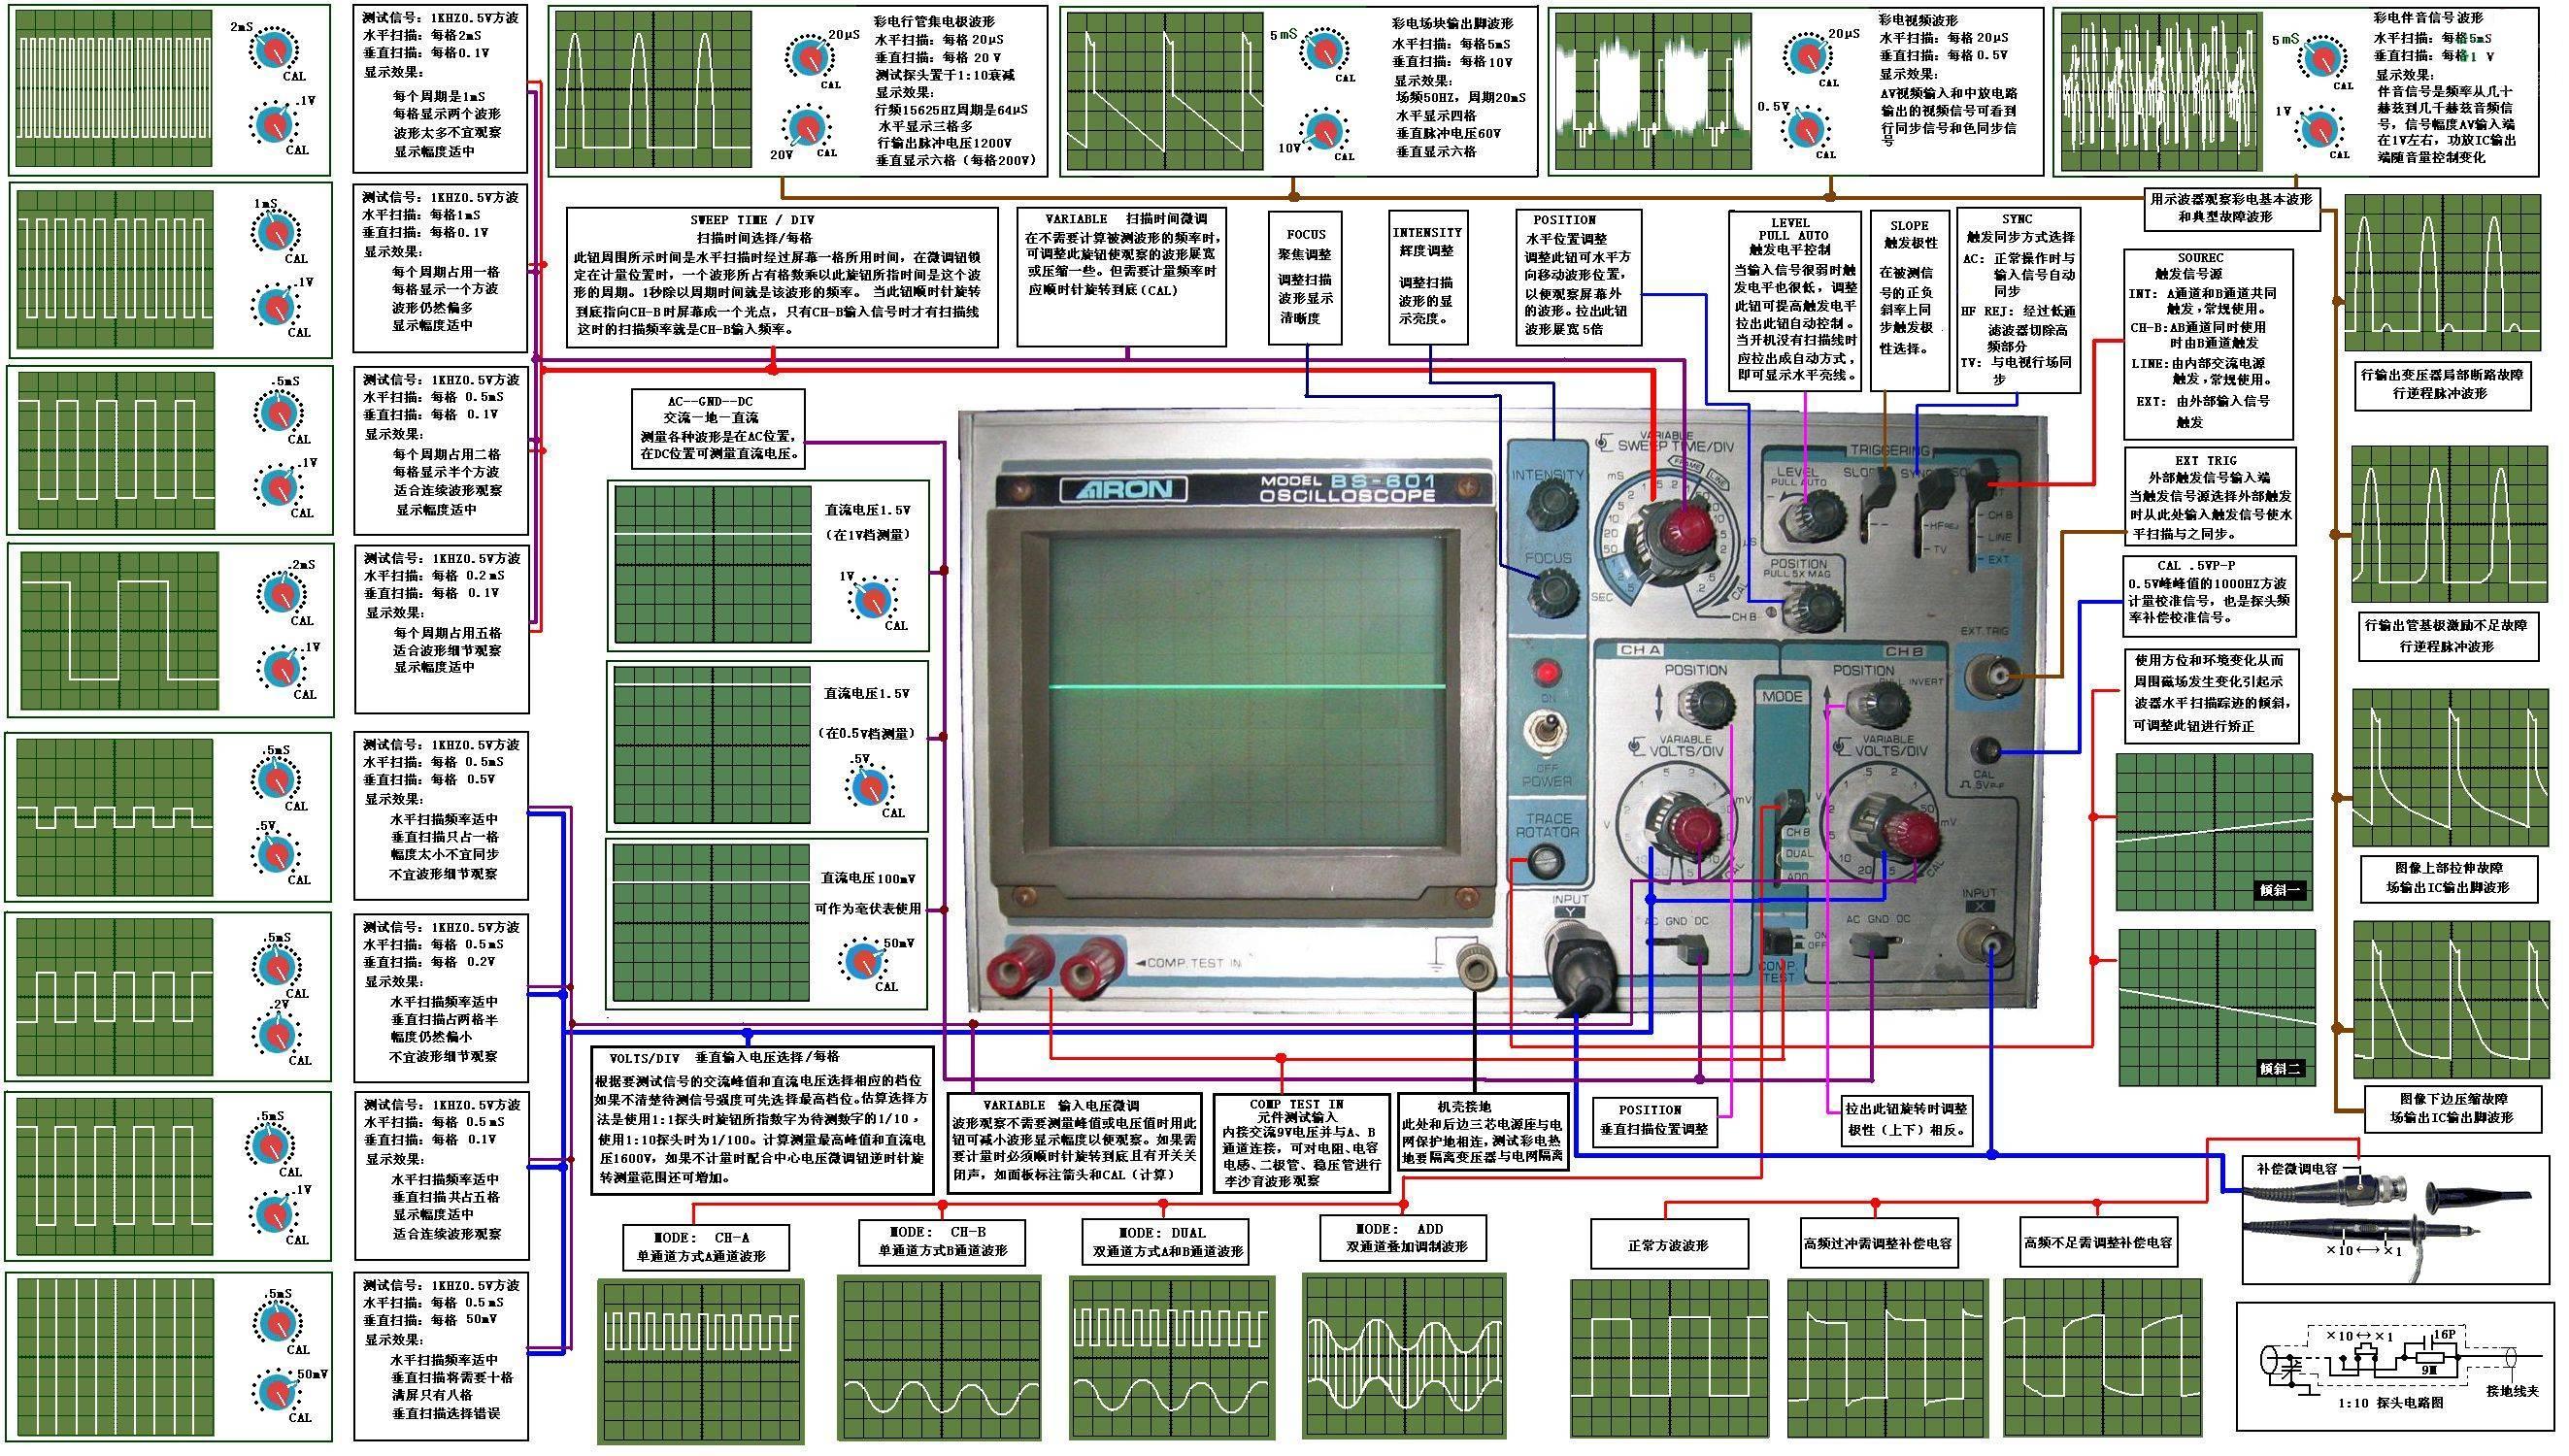 超高清图解示波器使用方法